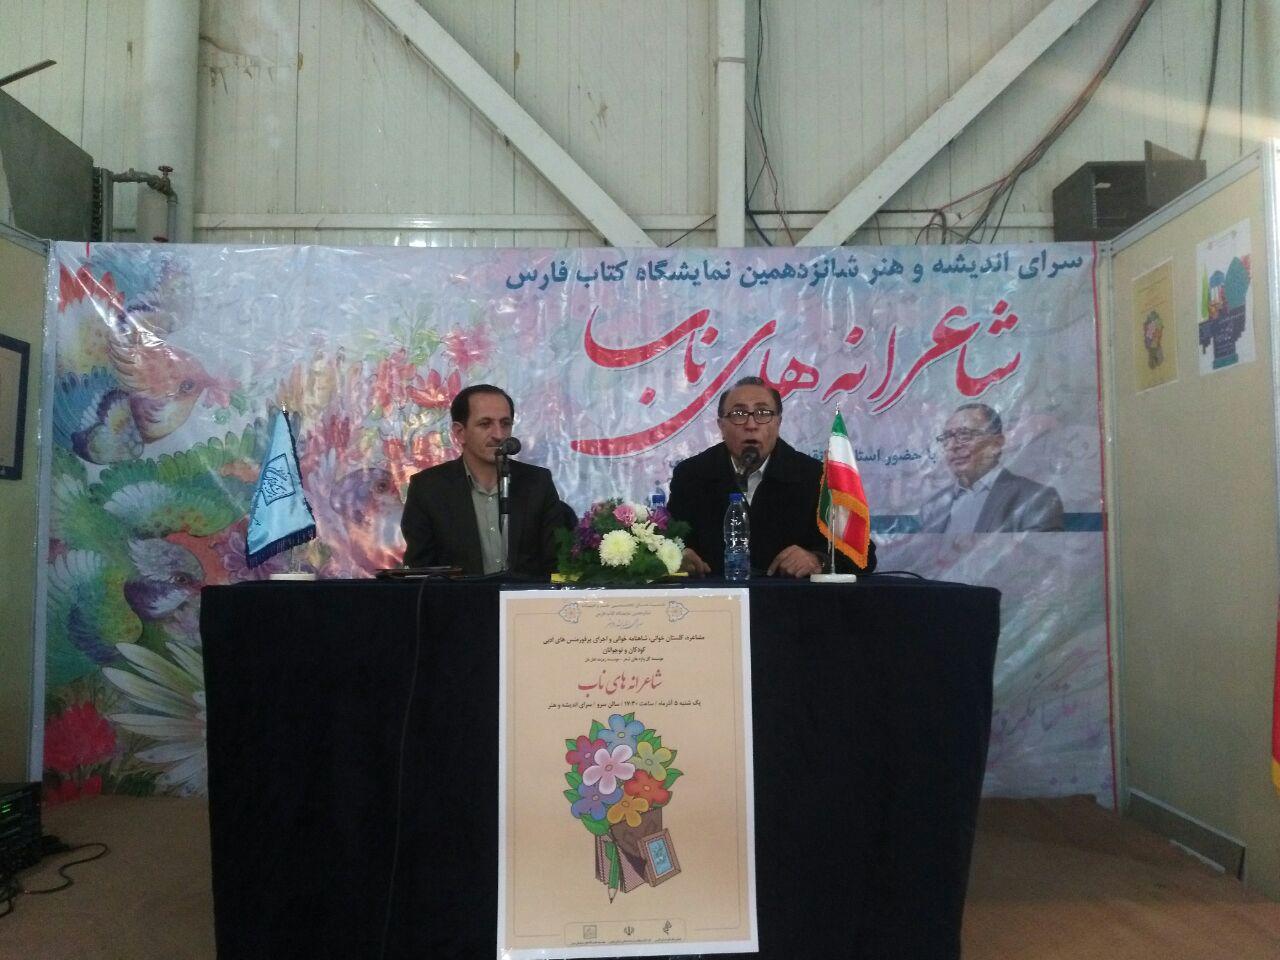 «شاعرانههای ناب» کودکان شیرازی در حضور اسماعیل آذر